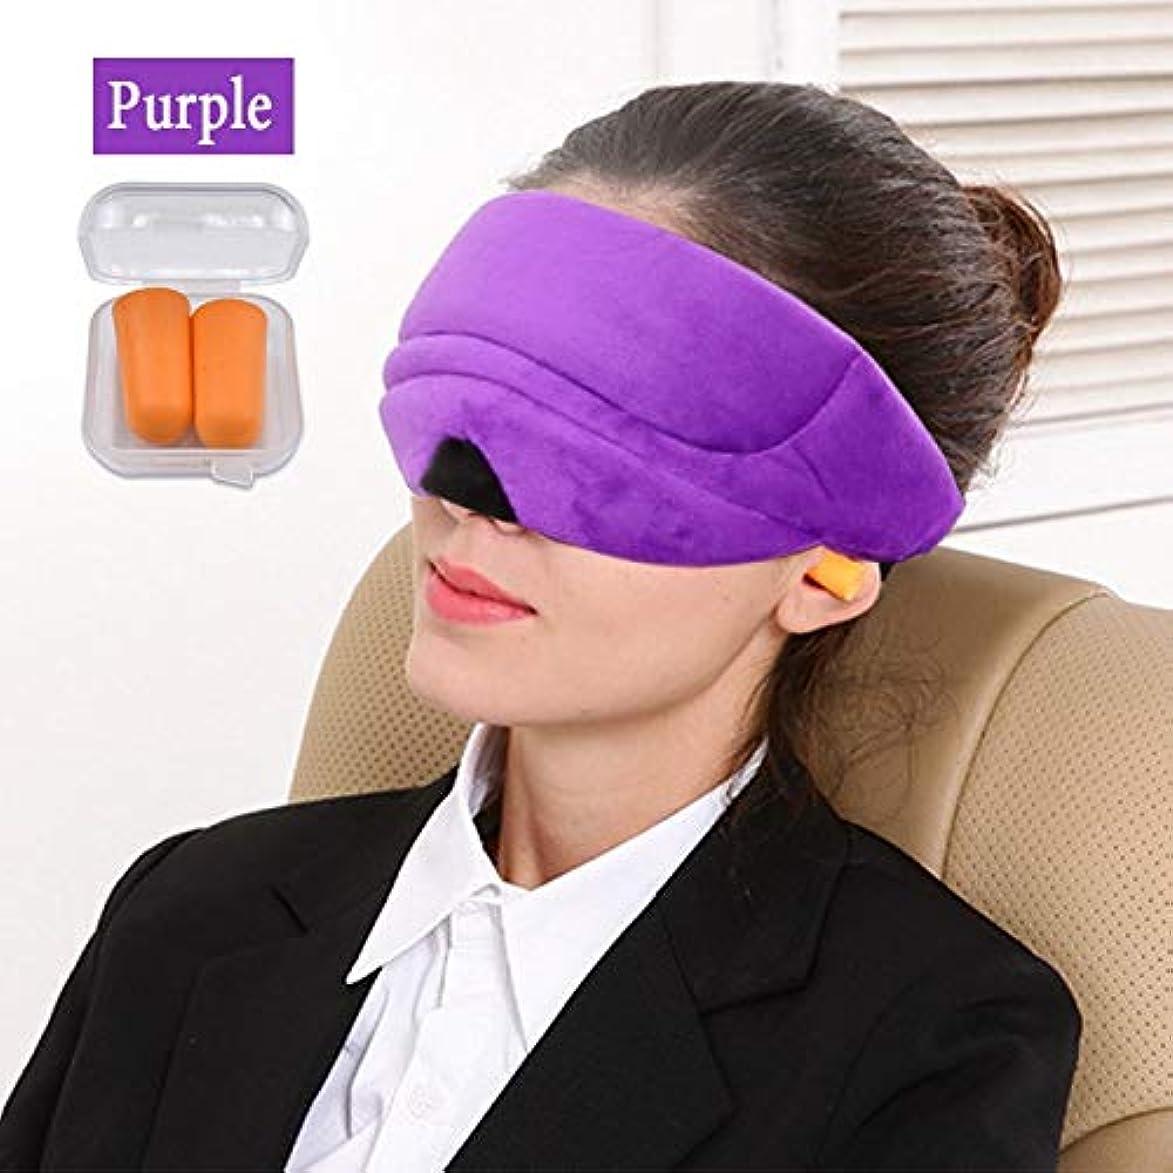 差のスコアクールNOTE 新しい睡眠アイマスクベルベットスーパーコンフォートアイシェードアイ包帯シェードカバー旅行リラックス援助目隠しブロックライト